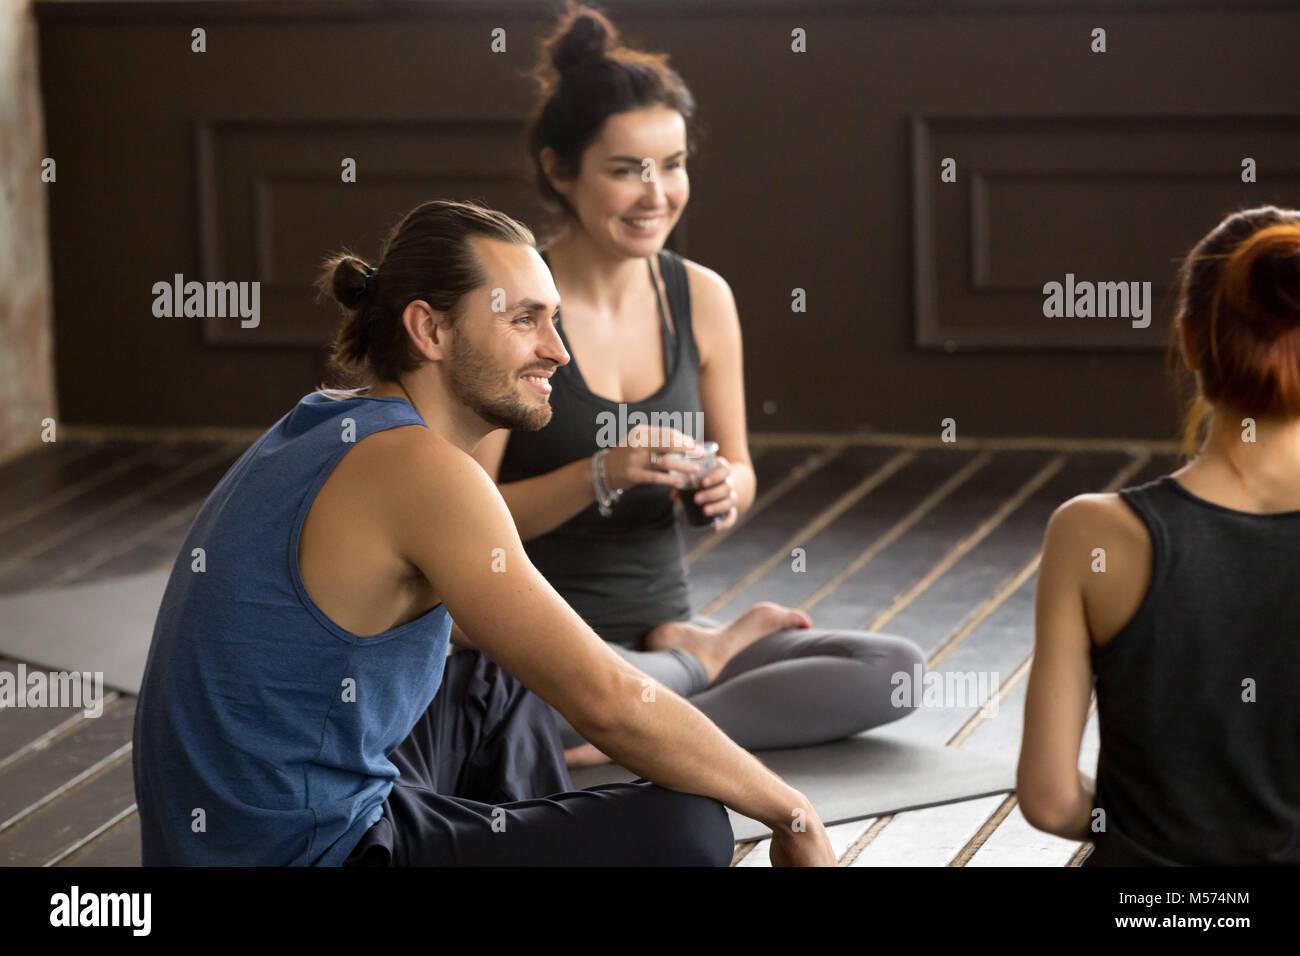 Memore sorridente yogi uomo seduto sul tappetino in un training di gruppo Immagini Stock